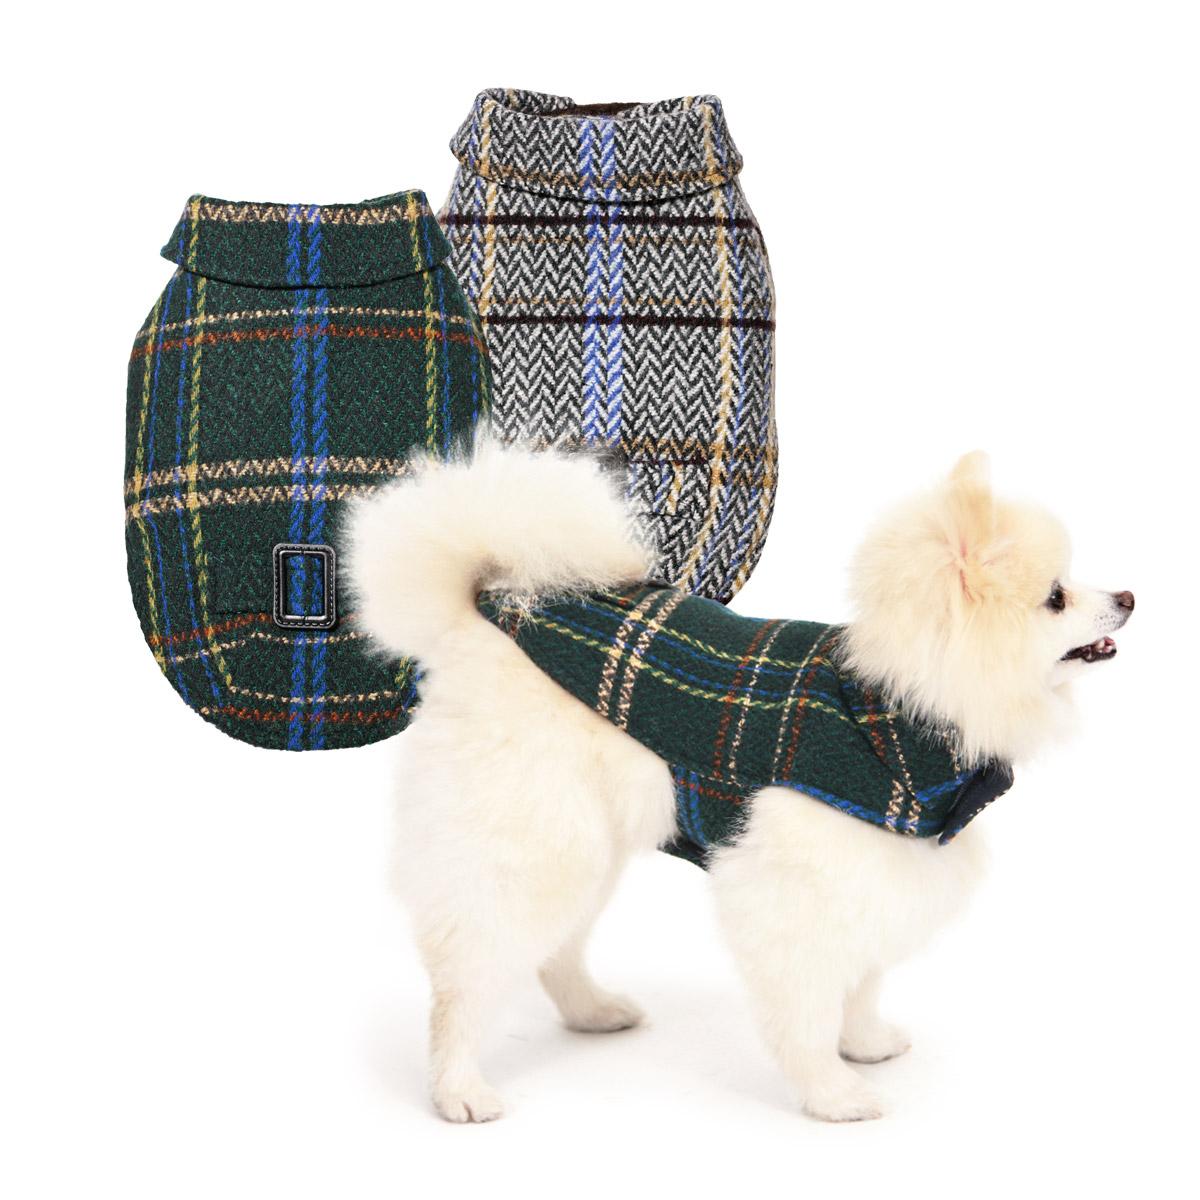 犬と生活 イージーコート【胸とお腹の2箇所を止めるだけのツィードコート】